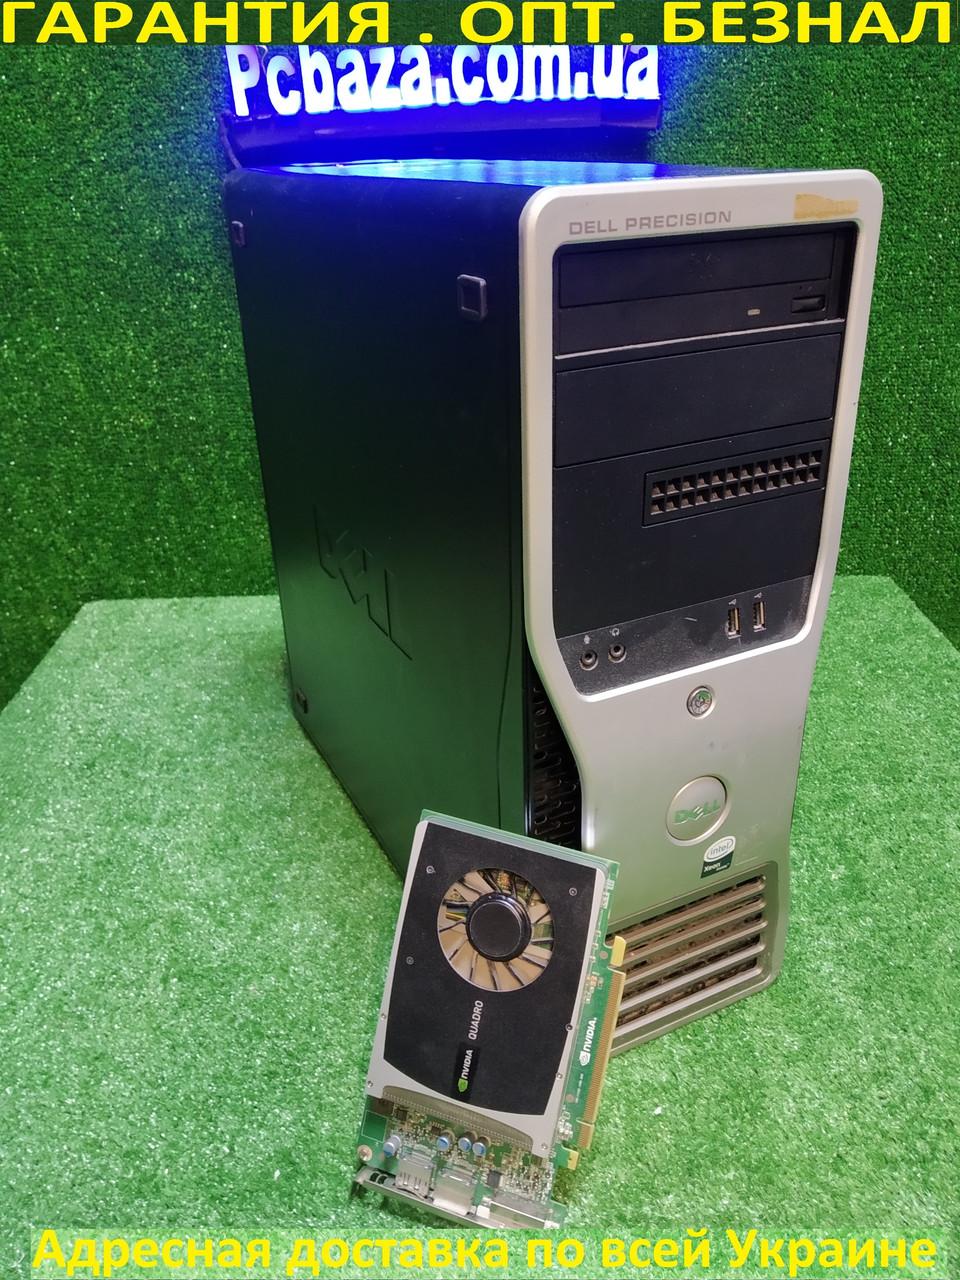 Игровой Dell precision 390 Intel 4 ядраQ6600 2.4,8ГБ,1000Гб, Nvidia Quadro 2000 (GTS 450)1gb ddr5